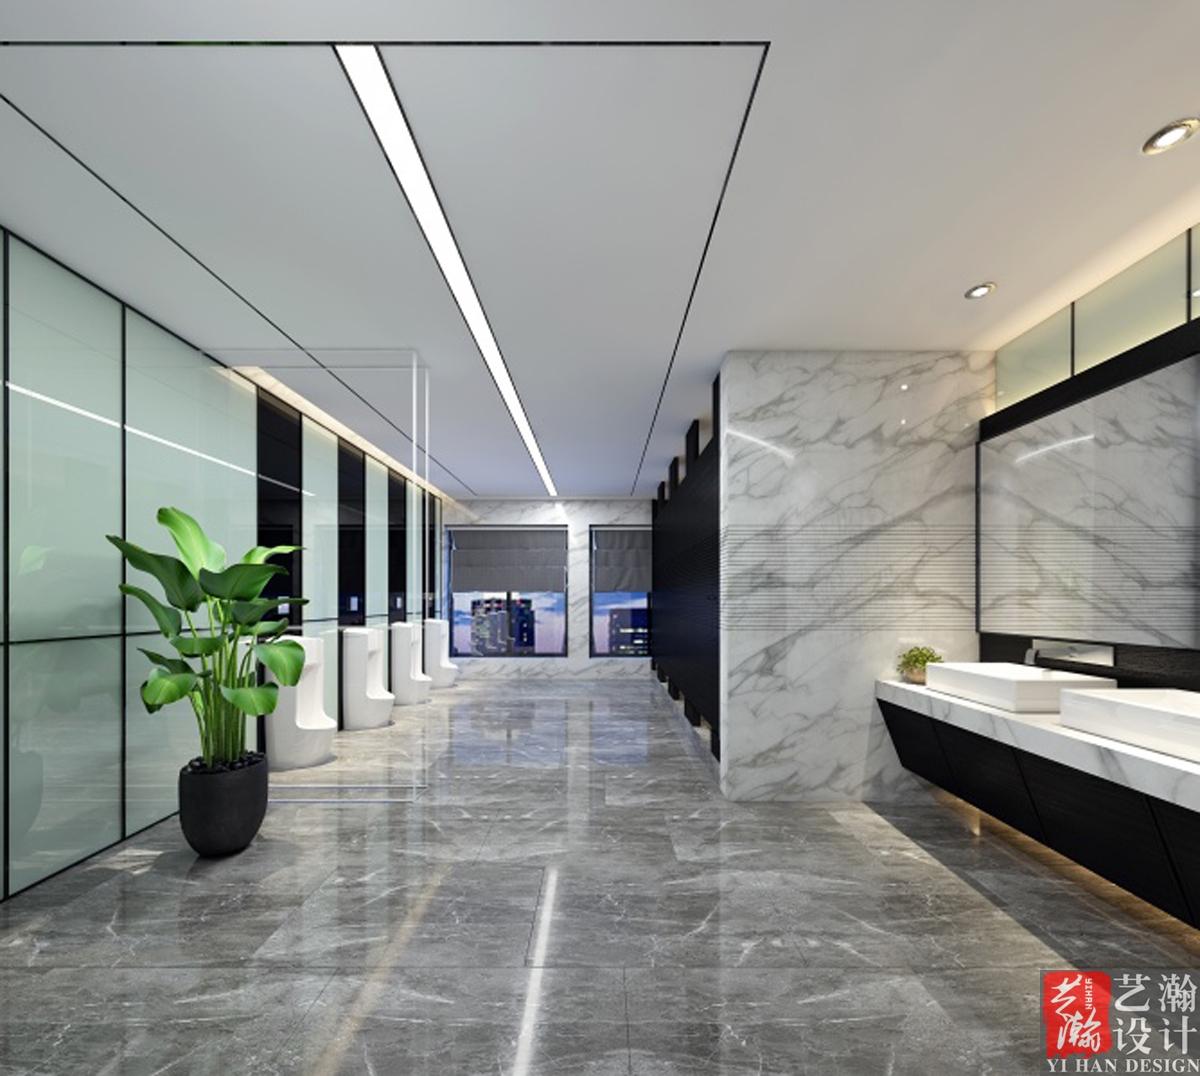 办公室设计装修效果图设计会议室大厅文化墙设计制作前台背景墙效